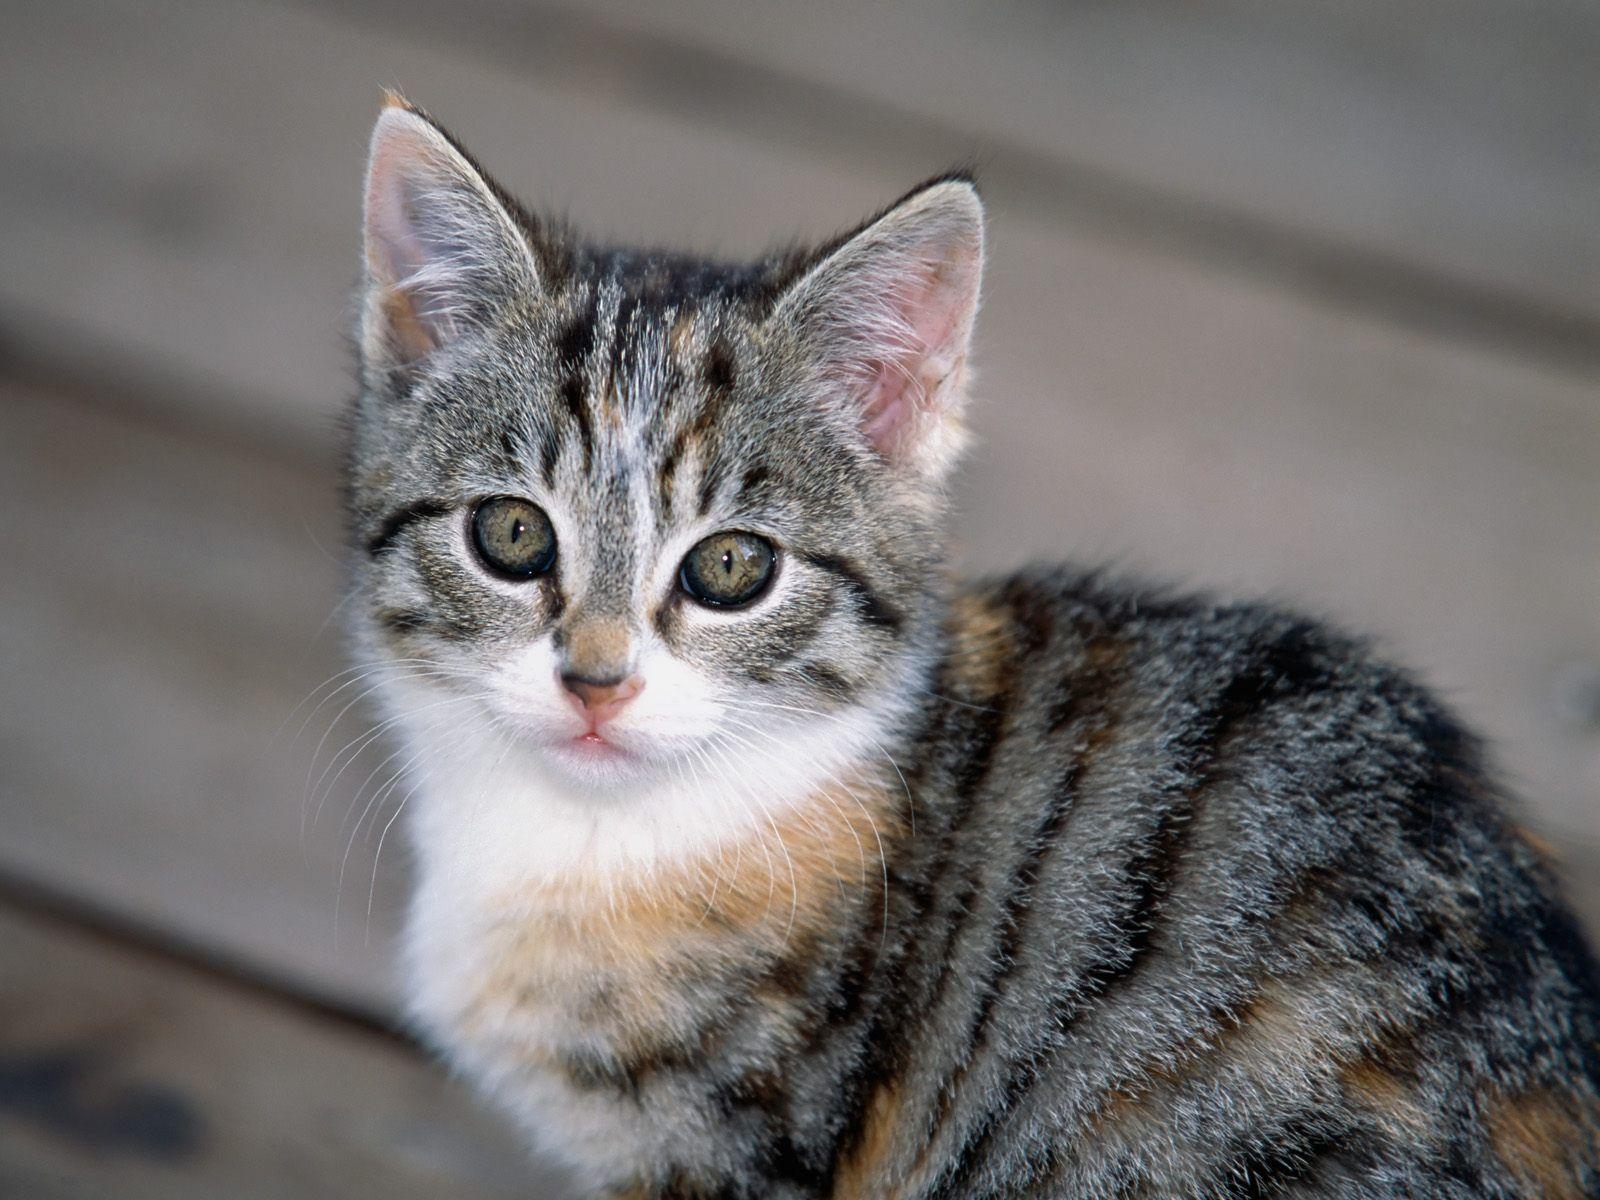 Tabby Kitten CUTE CATS 2 Pinterest